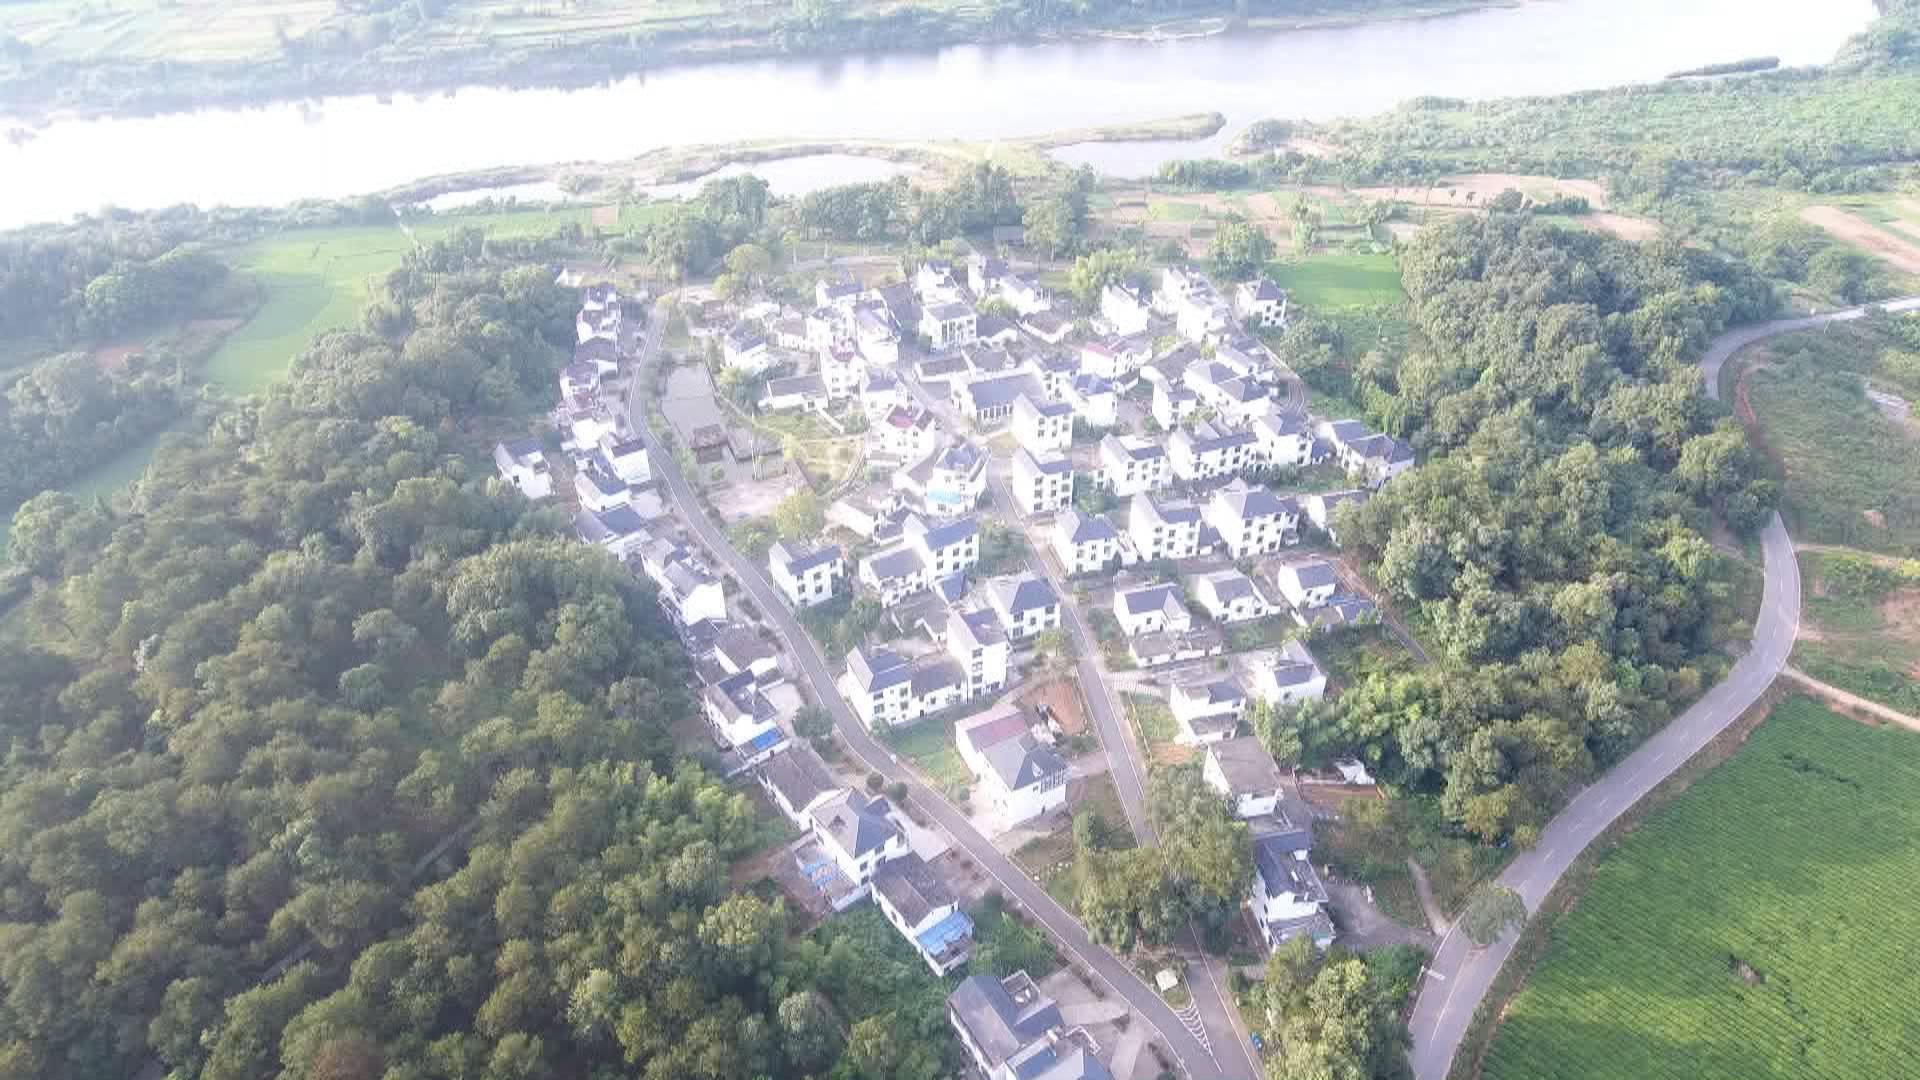 德兴市汪家村:贫穷落后的小山村变成远近闻名的示范村